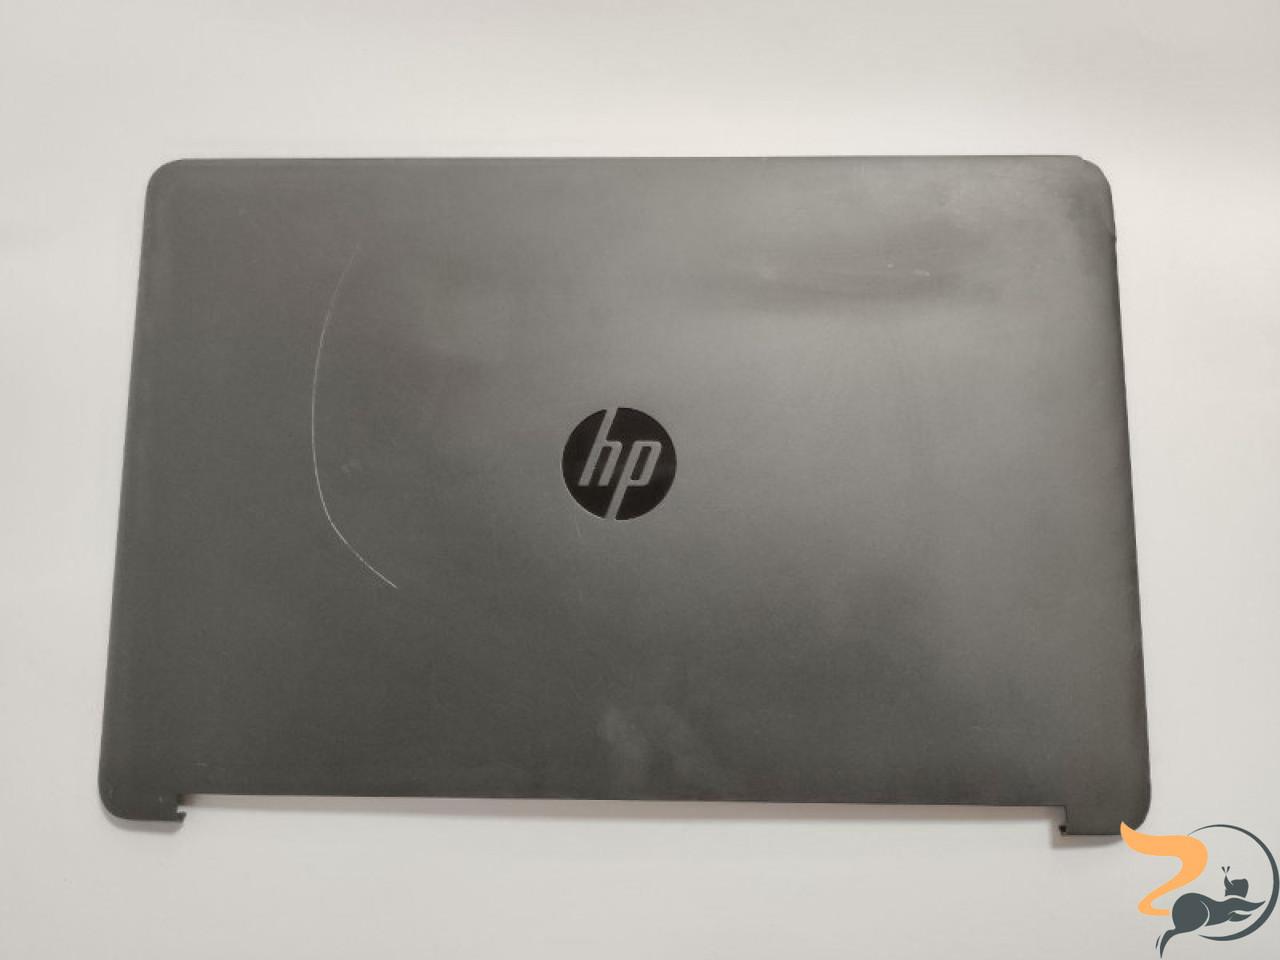 """Кришка матриці для ноутбука HP ProBook 650 G1, 15.6"""", 6070B0686101, 738691-001, б/в. Кріплення цілі, є тріщина (фото)"""